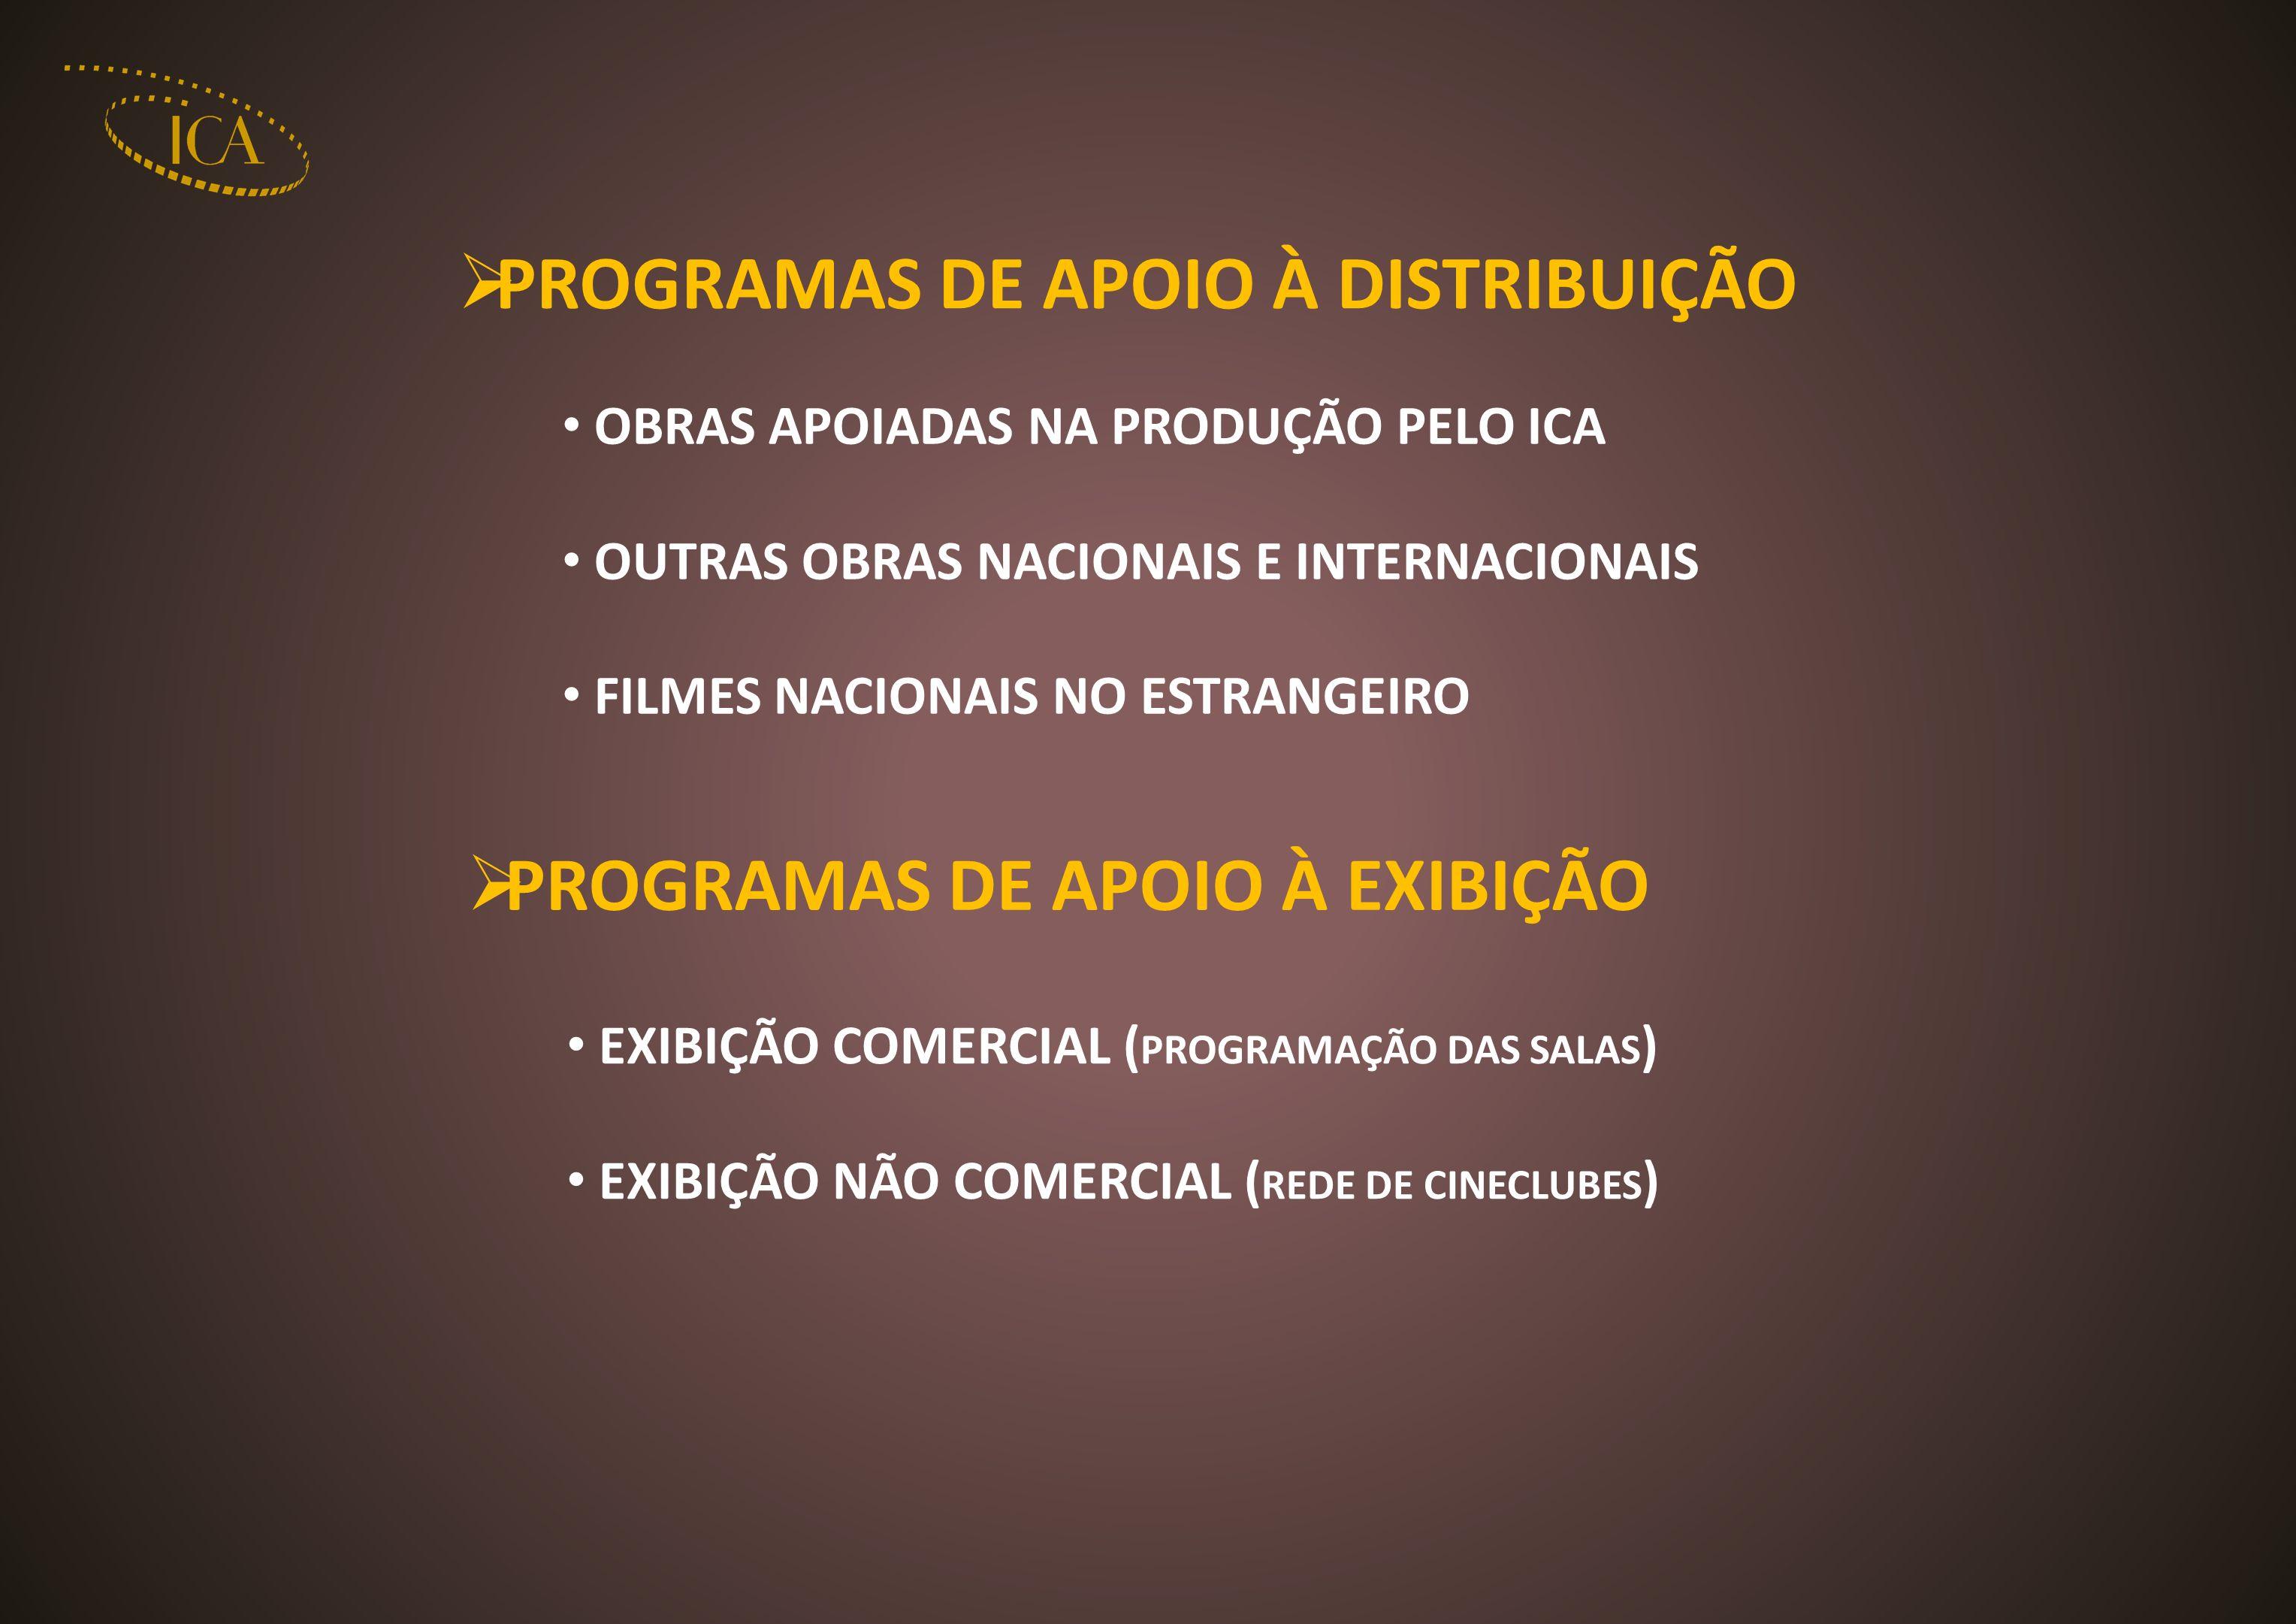 PROGRAMAS DE APOIO À DISTRIBUIÇÃO OBRAS APOIADAS NA PRODUÇÃO PELO ICA OUTRAS OBRAS NACIONAIS E INTERNACIONAIS FILMES NACIONAIS NO ESTRANGEIRO PROGRAMA